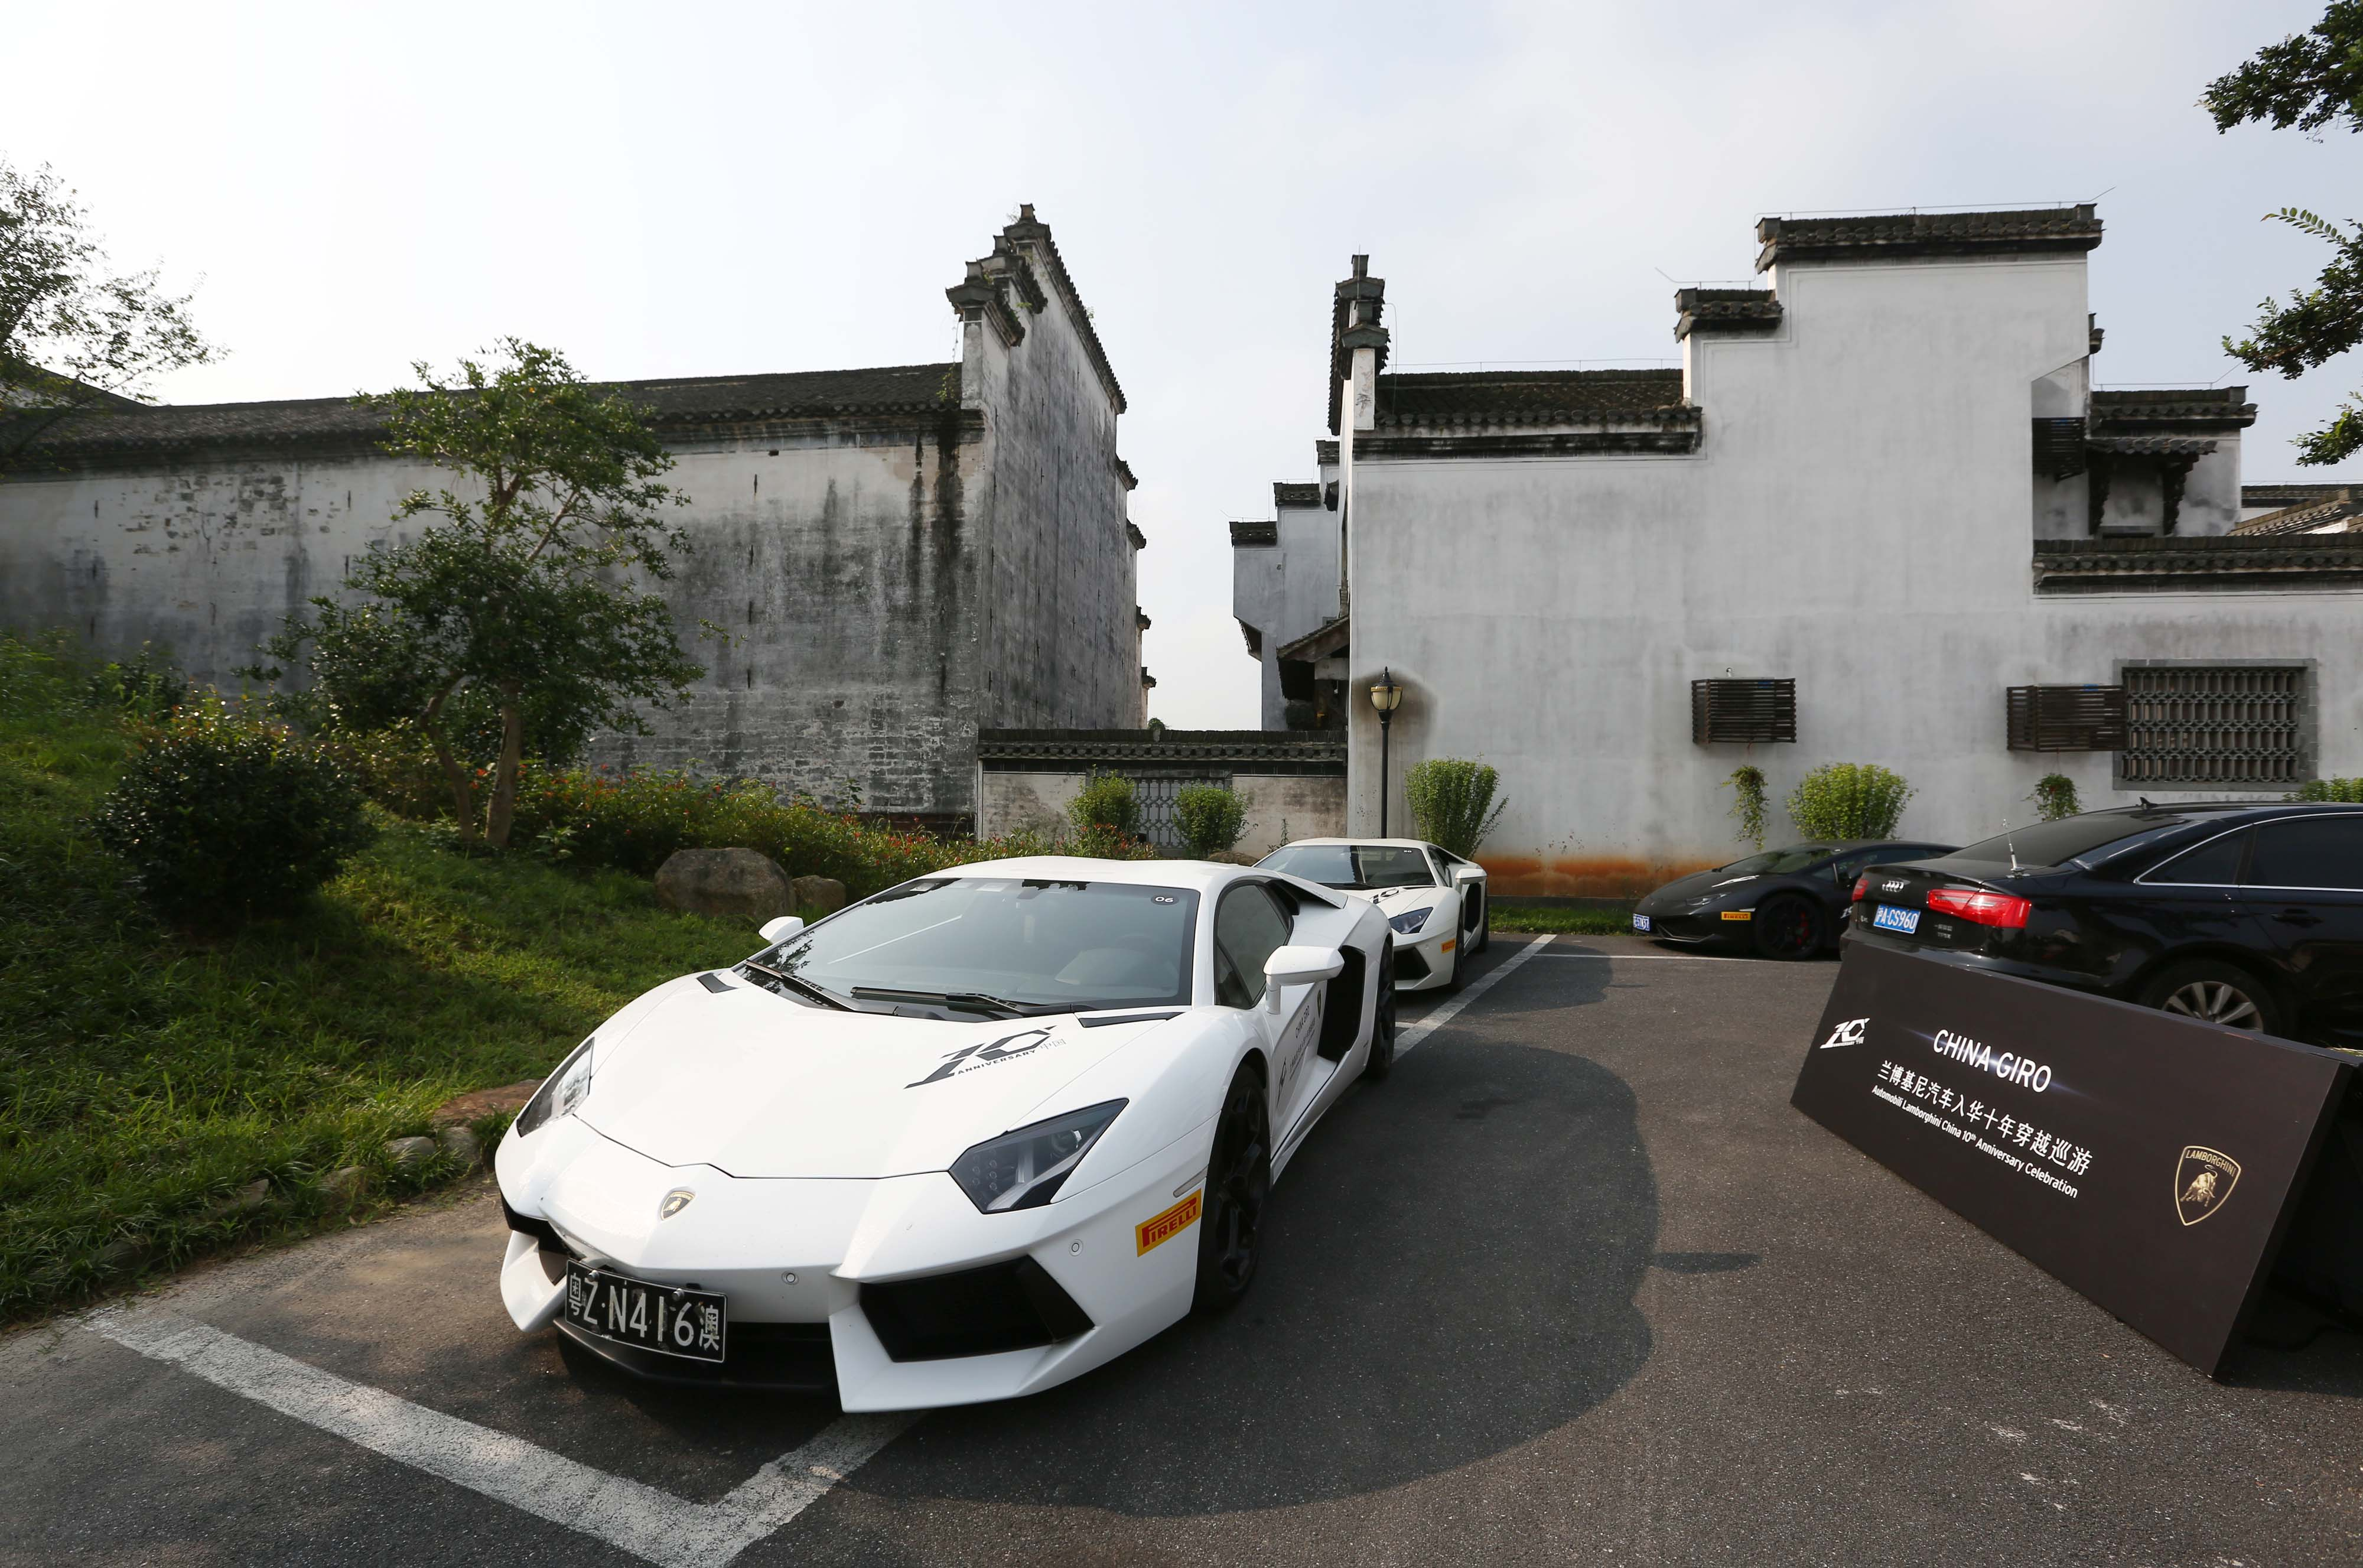 兰博基尼跑车来到安徽黄山市巡游展示,吸引了公众的目光.据高清图片